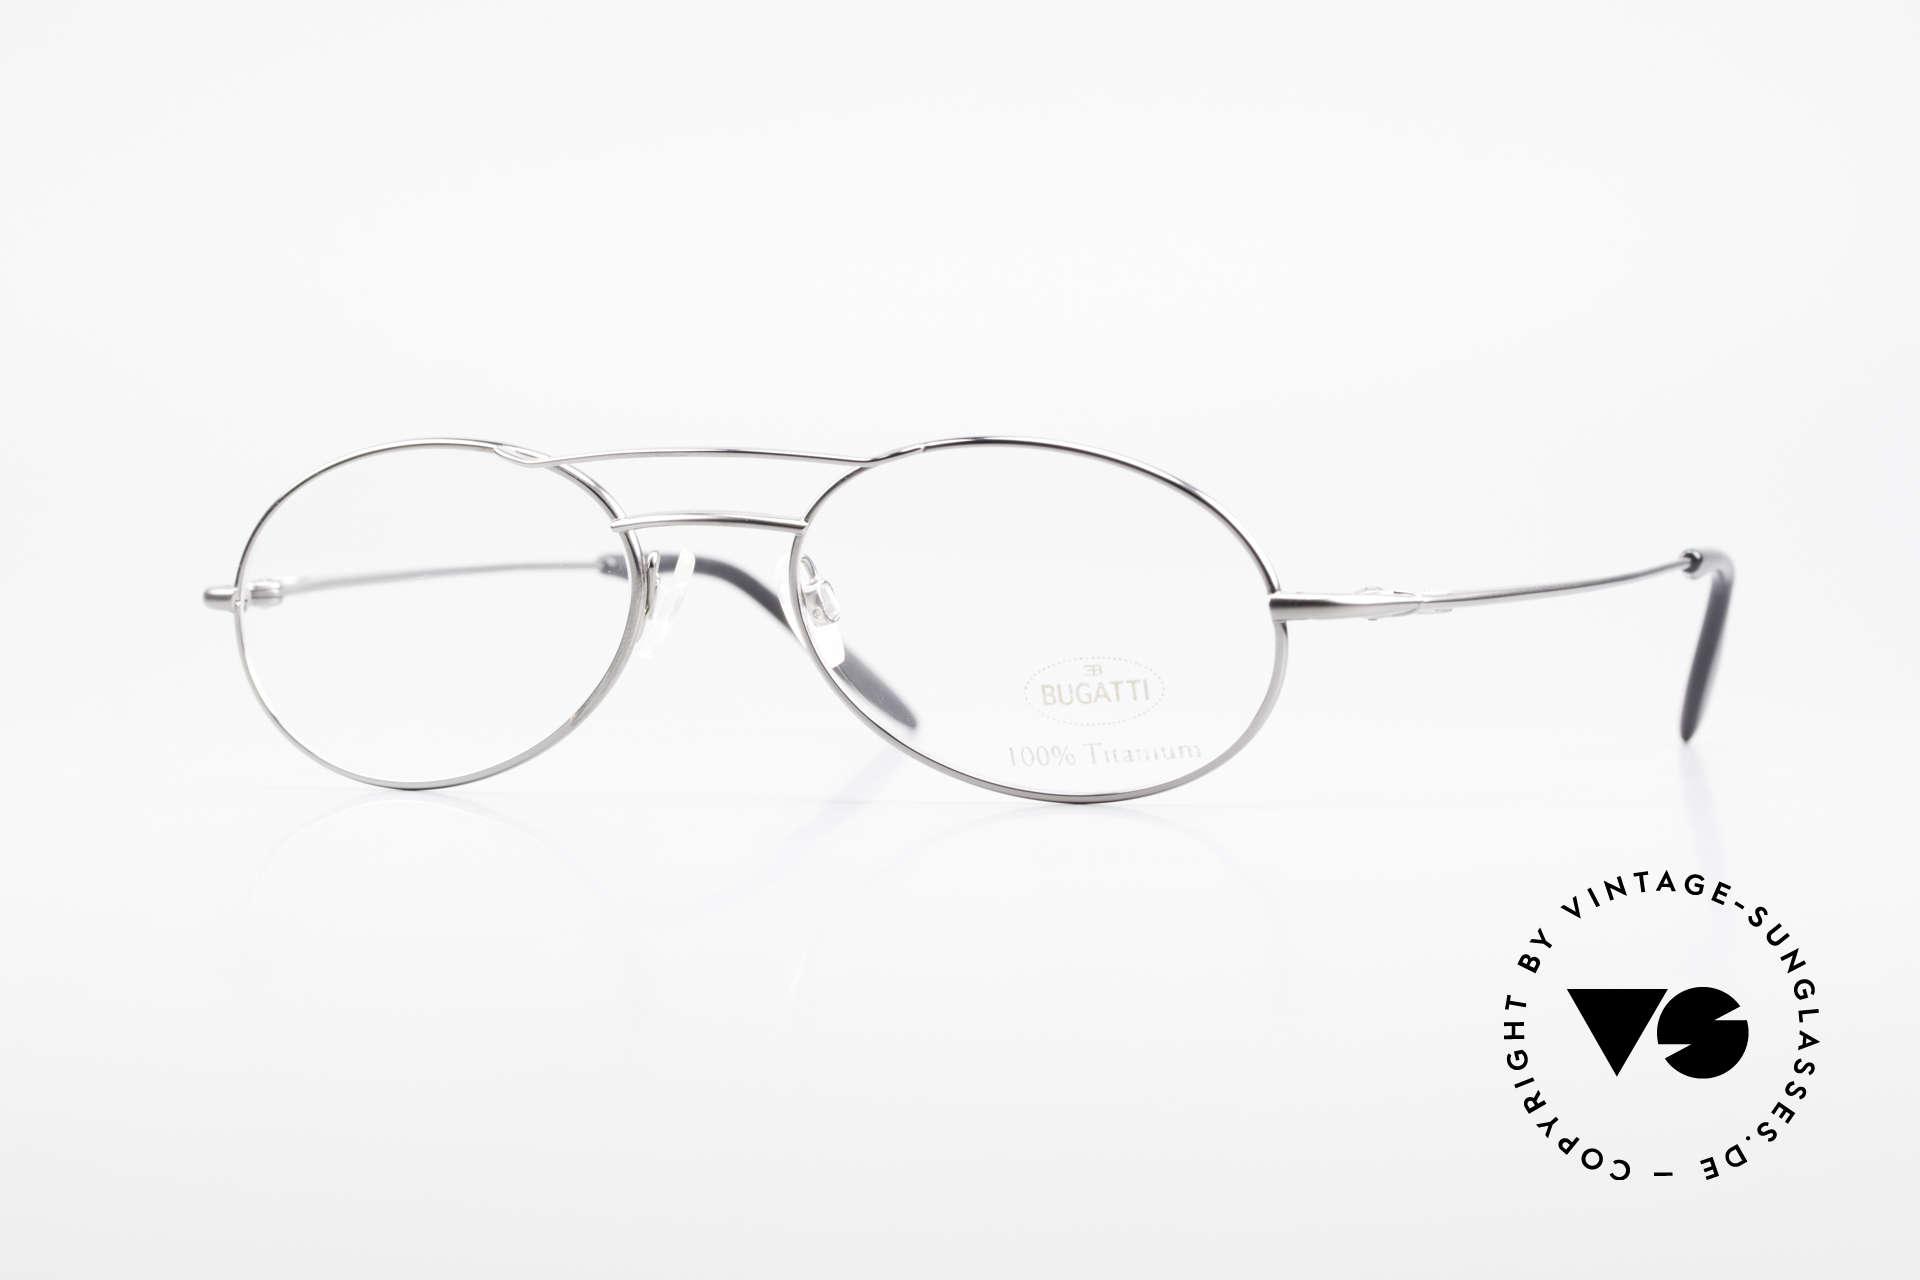 Bugatti 18861 Titanium Herren Brillenfassung, 100% Titanium vintage Bugatti Brille von circa 1998, Passend für Herren